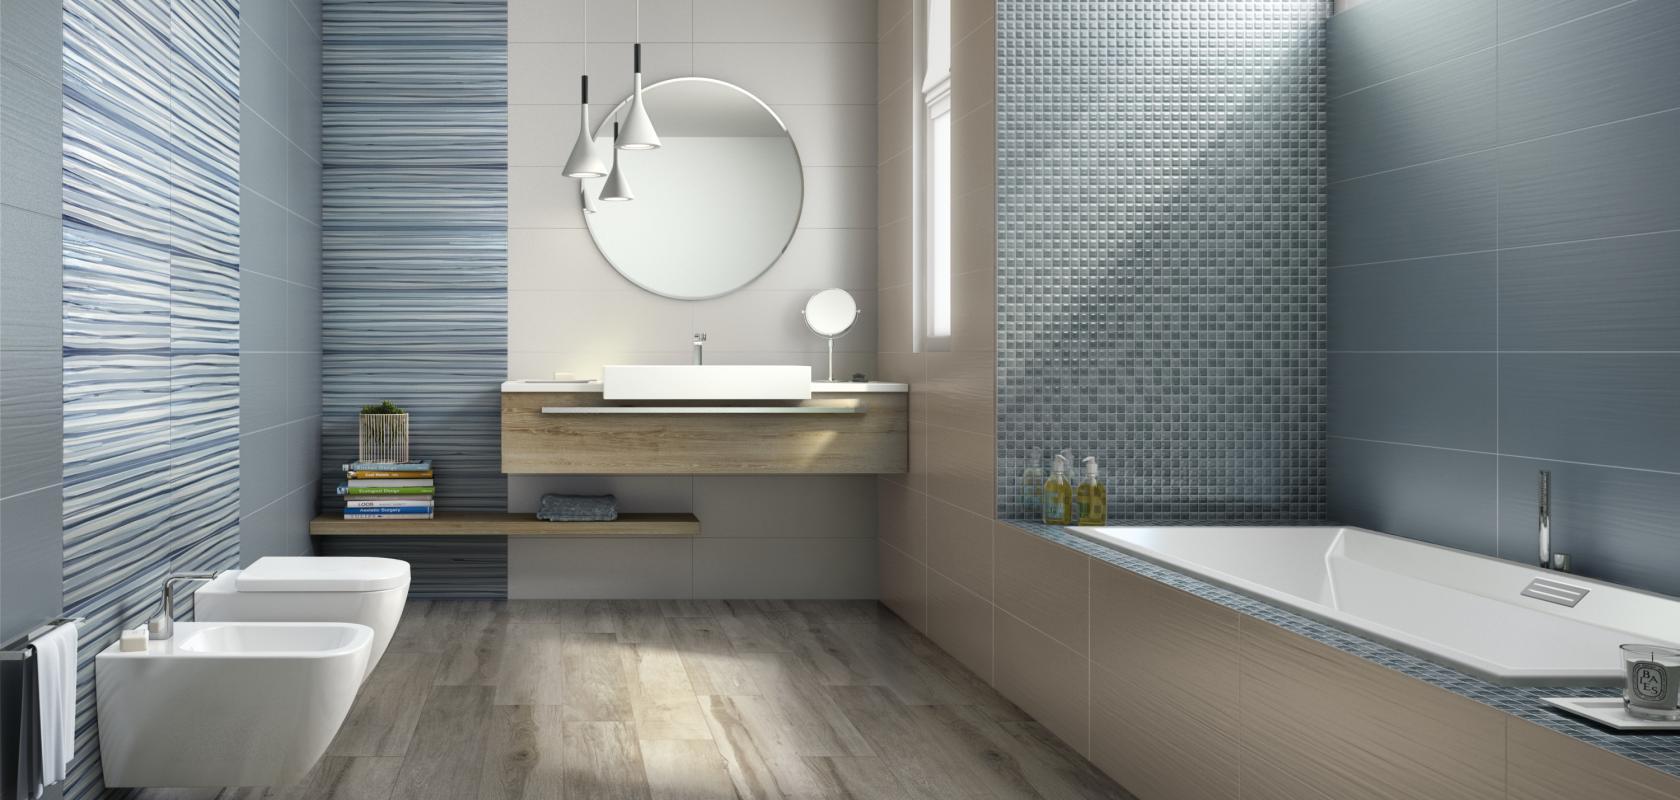 dla ba imitace d eva travel m b keramika. Black Bedroom Furniture Sets. Home Design Ideas